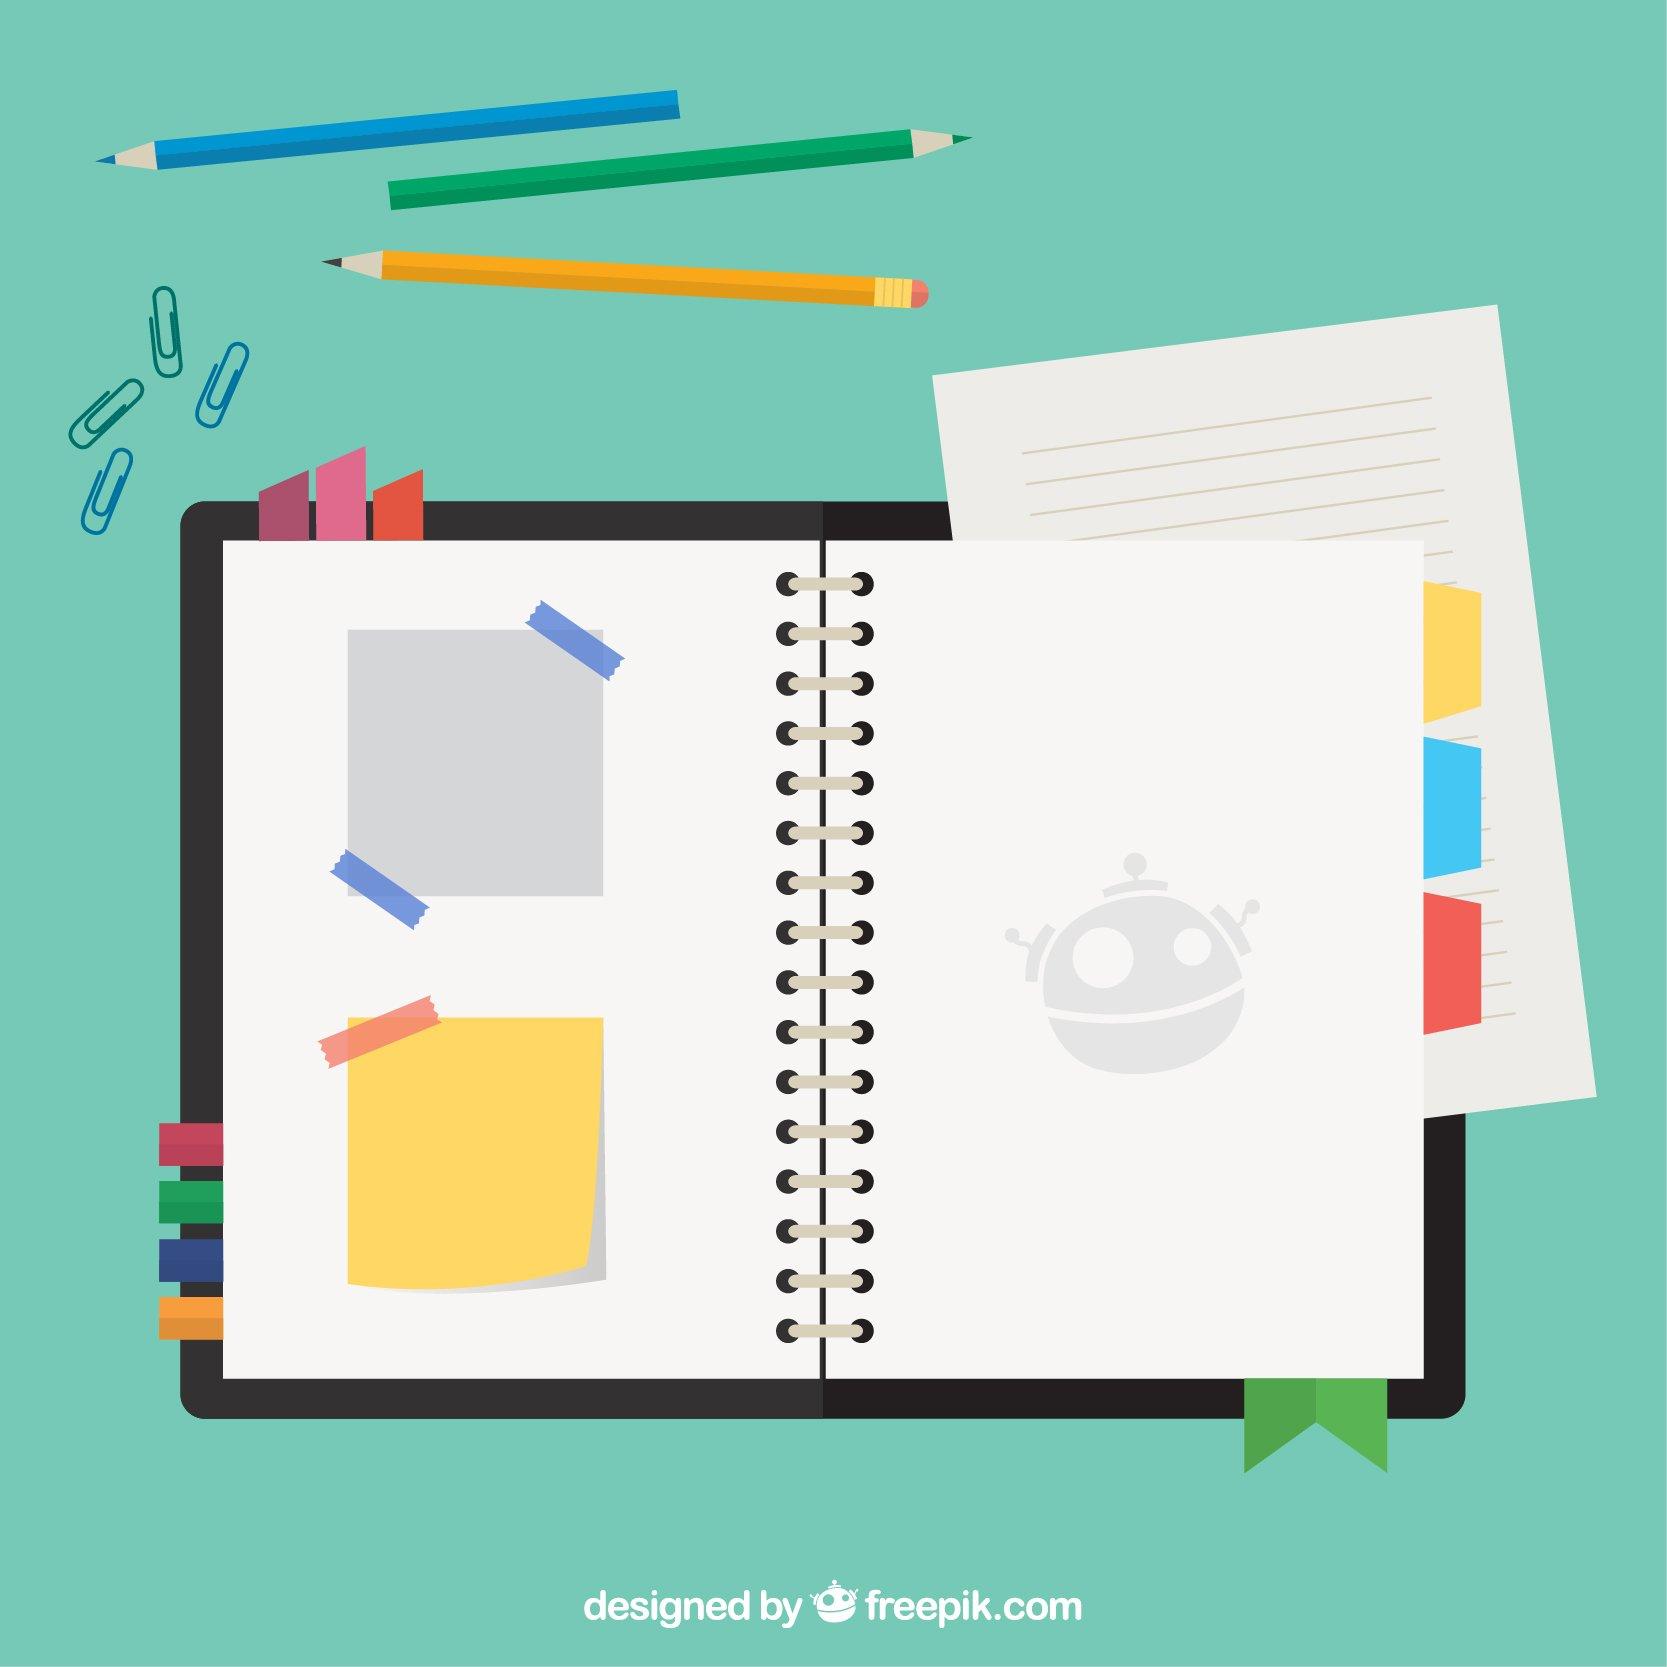 gestão do tempo na prática - agenda